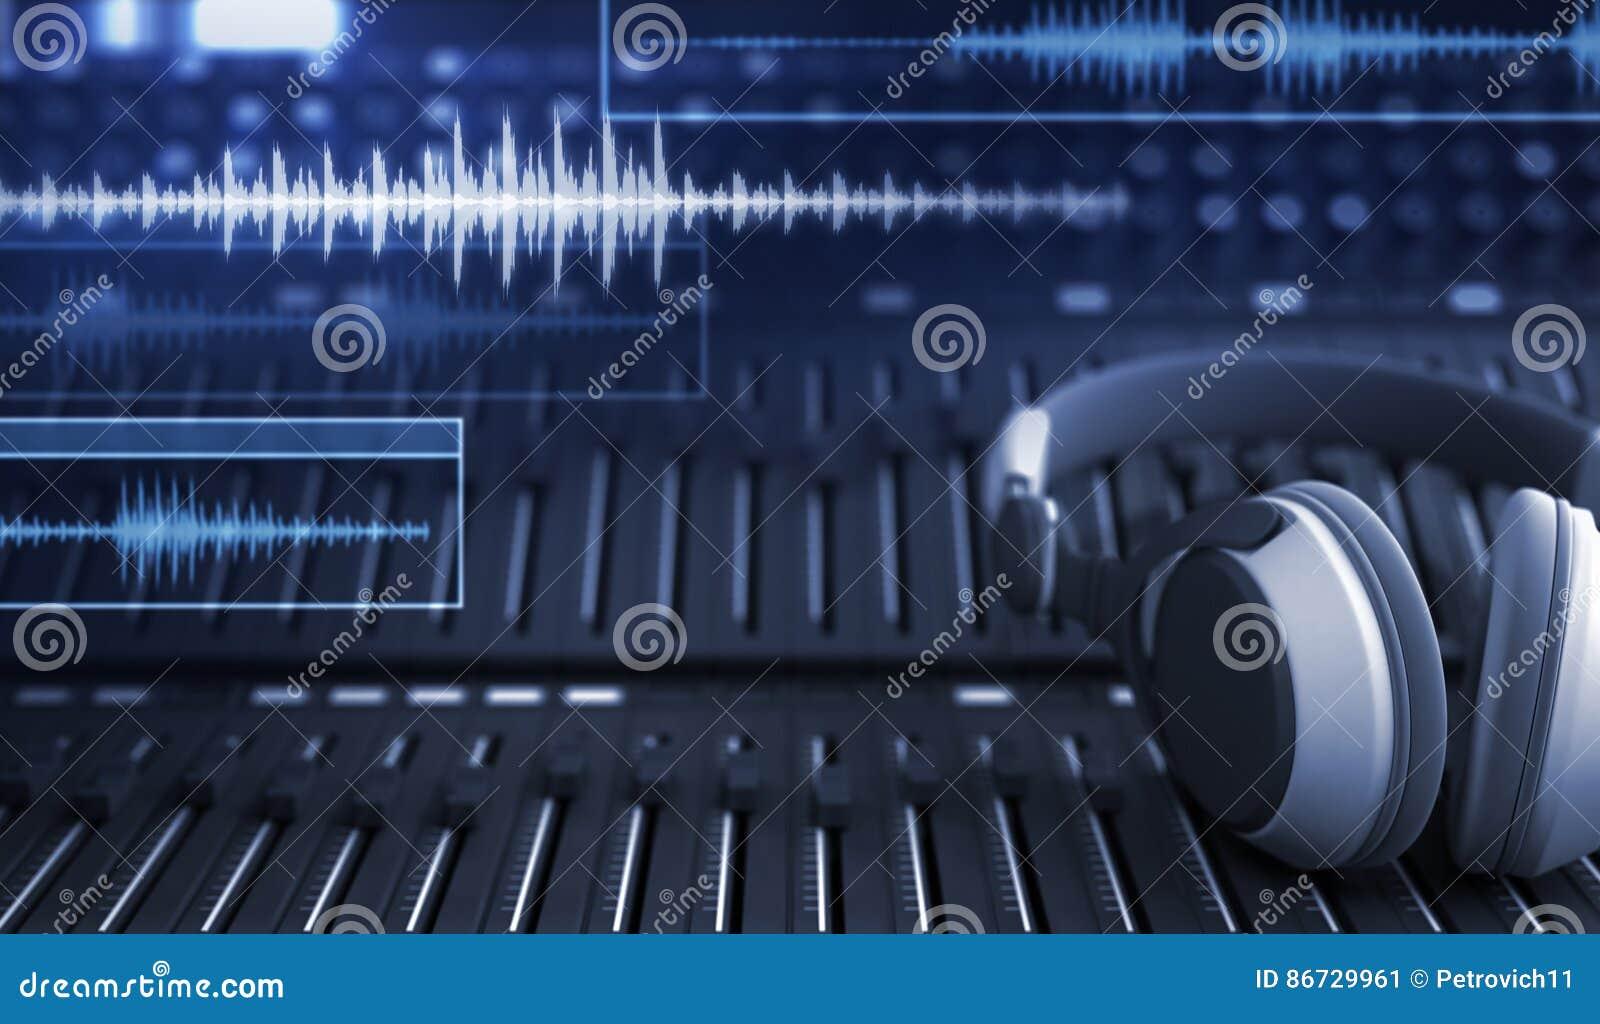 耳机和音频轨道